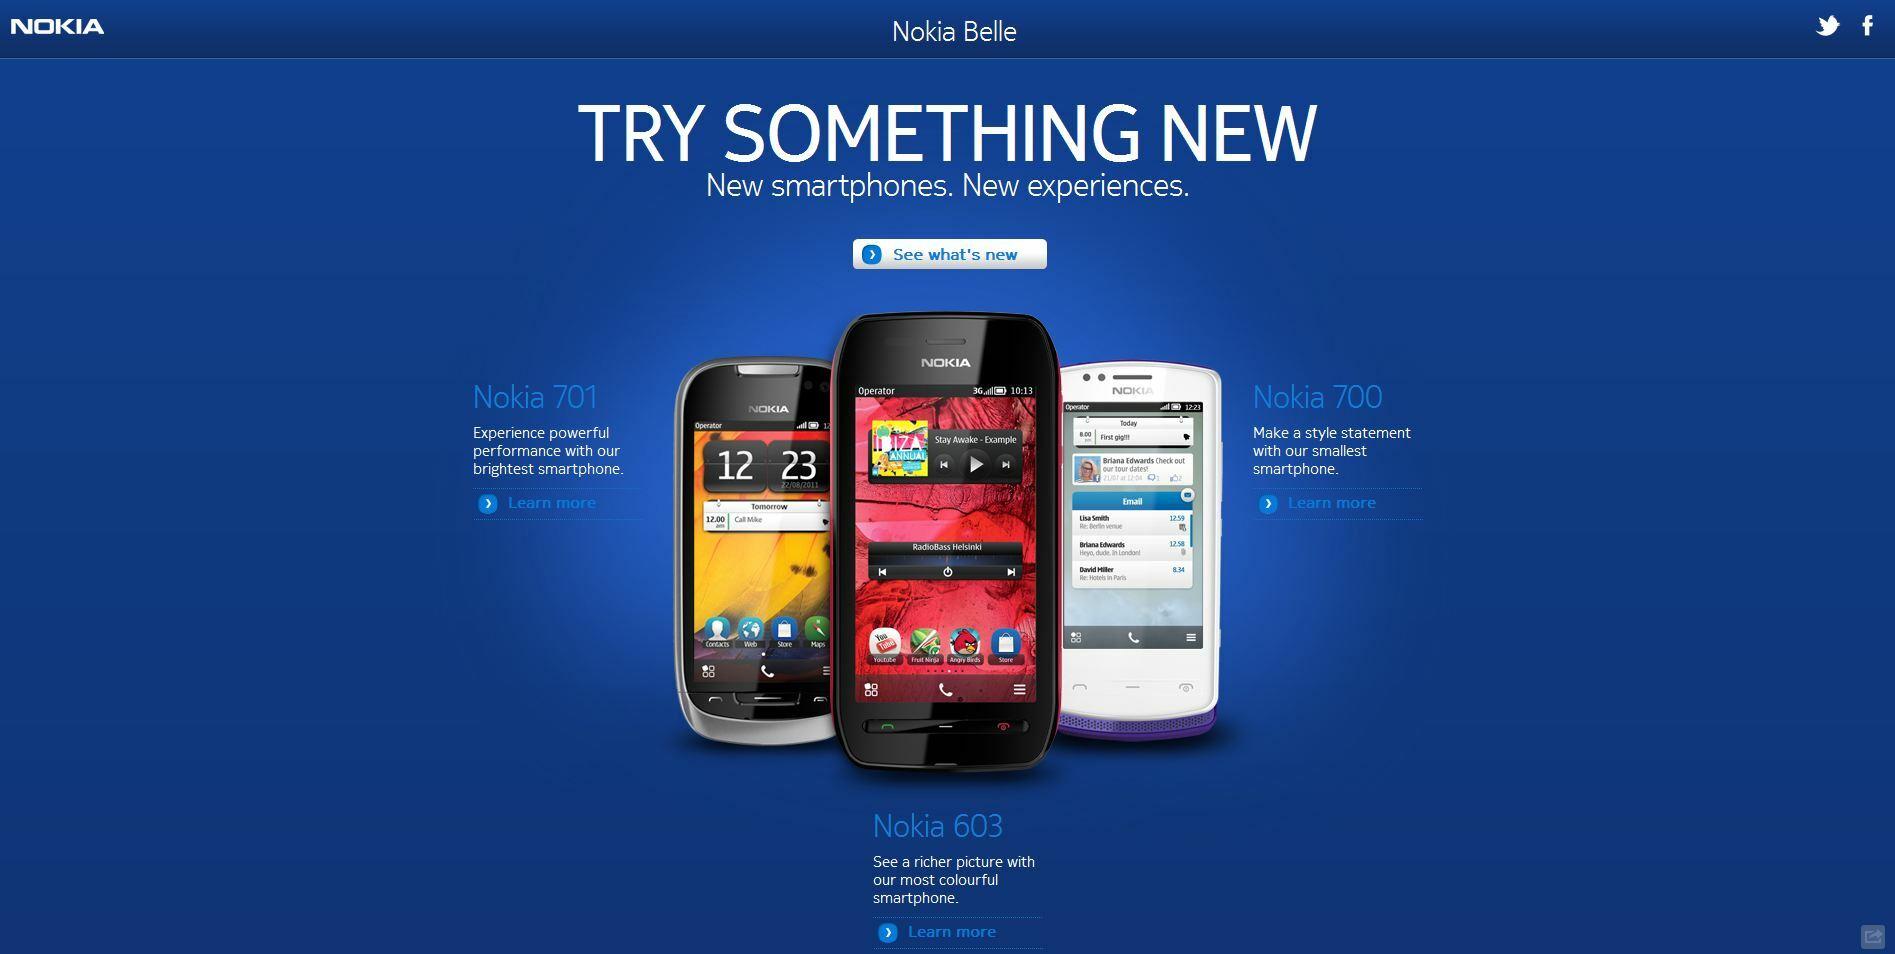 Mise à jour Nokia Belle pour le 700, 701 et 603